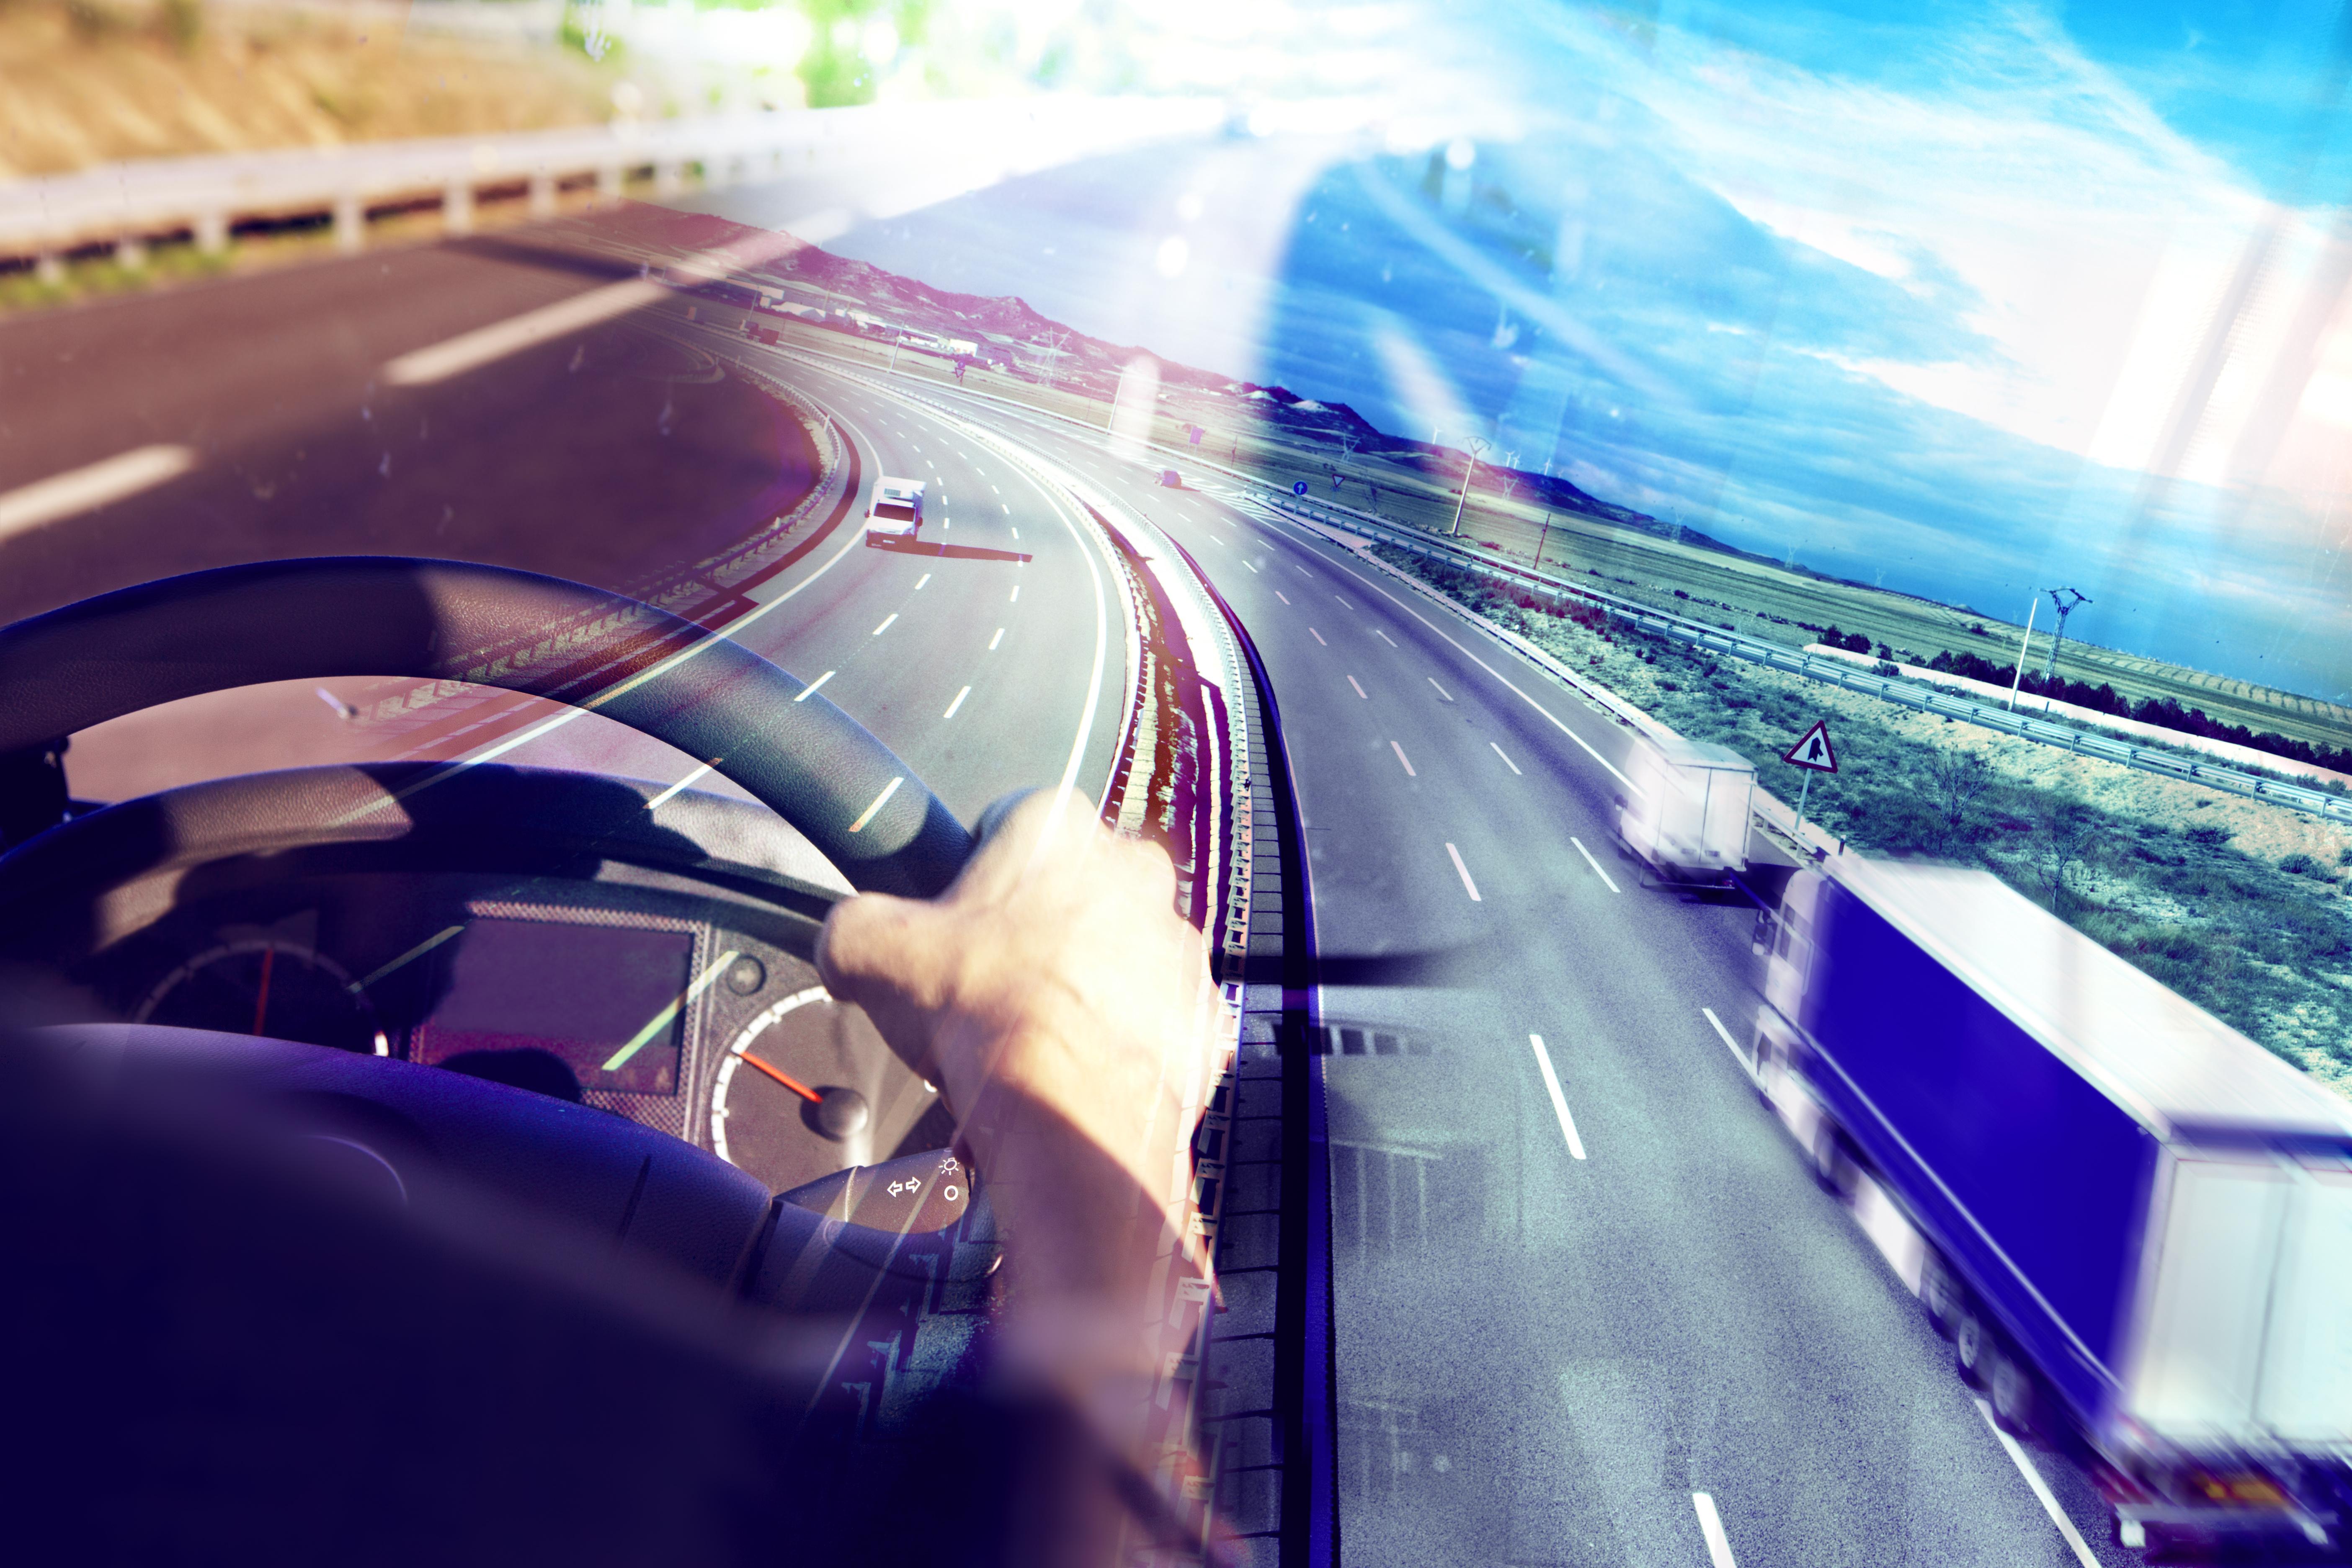 Trasporto conto proprio: arriva la Carta di qualificazione del conducente (CQC) con rinnovo entro 2 anni dalla scadenza.